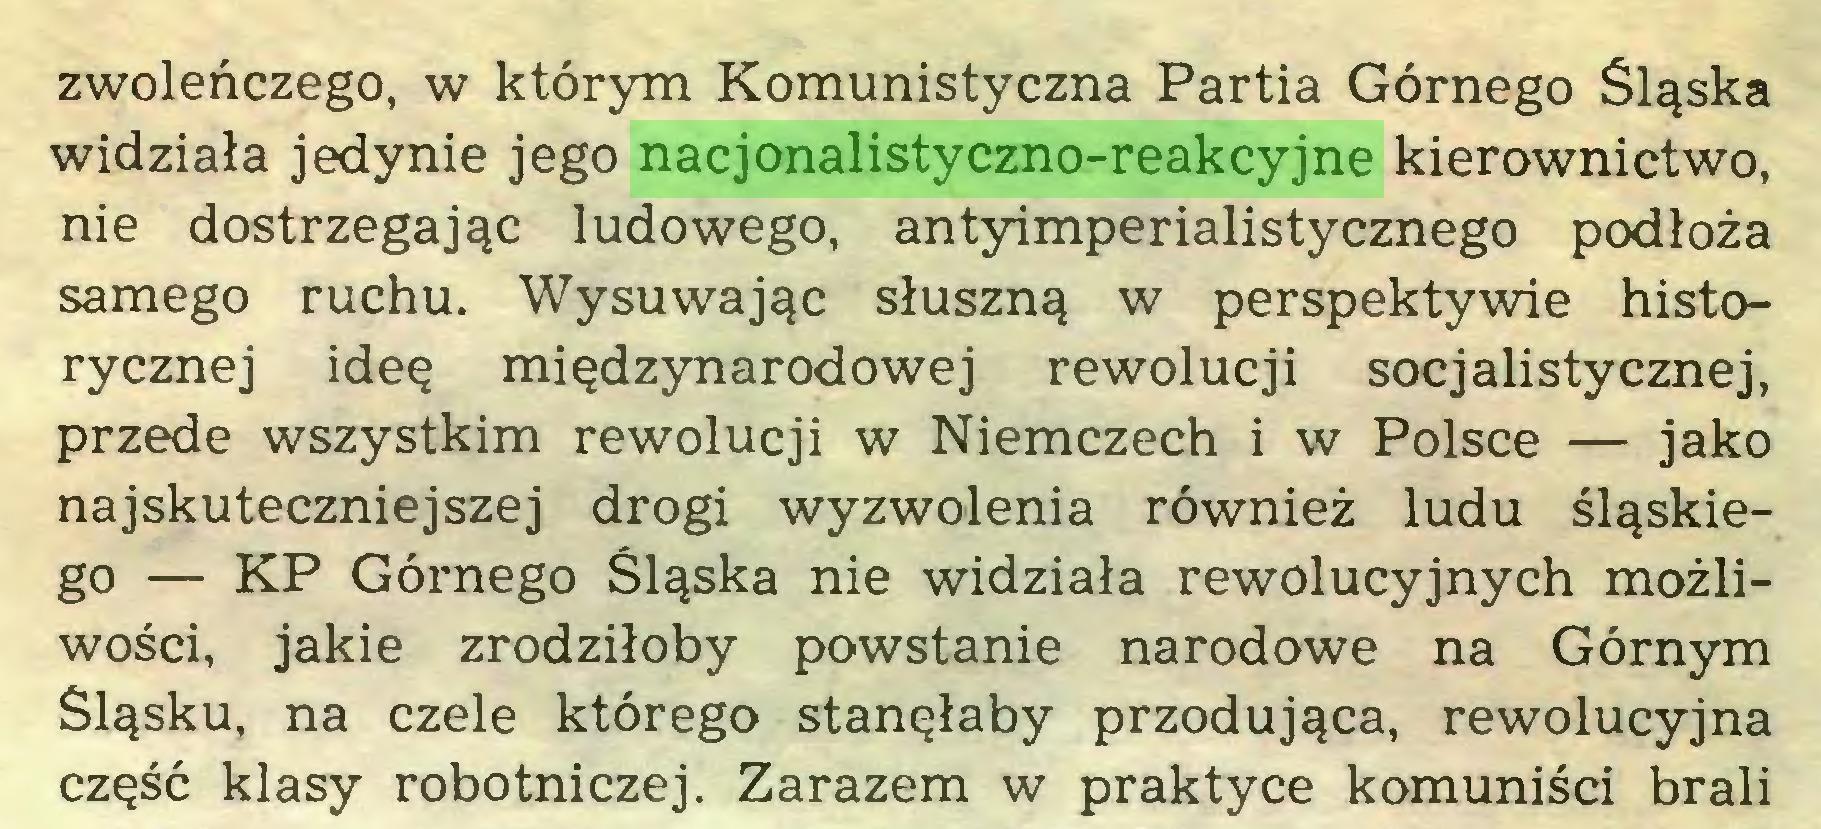 (...) zwoleńczego, w którym Komunistyczna Partia Górnego Śląska widziała jedynie jego nacjonalistyczno-reakcyjne kierownictwo, nie dostrzegając ludowego, antyimperialistycznego podłoża samego ruchu. Wysuwając słuszną w perspektywie historycznej ideę międzynarodowej rewolucji socjalistycznej, przede wszystkim rewolucji w Niemczech i w Polsce — jako najskuteczniejszej drogi wyzwolenia również ludu śląskiego — KP Górnego Śląska nie widziała rewolucyjnych możliwości, jakie zrodziłoby powstanie narodowe na Górnym Śląsku, na czele którego stanęłaby przodująca, rewolucyjna część klasy robotniczej. Zarazem w praktyce komuniści brali...